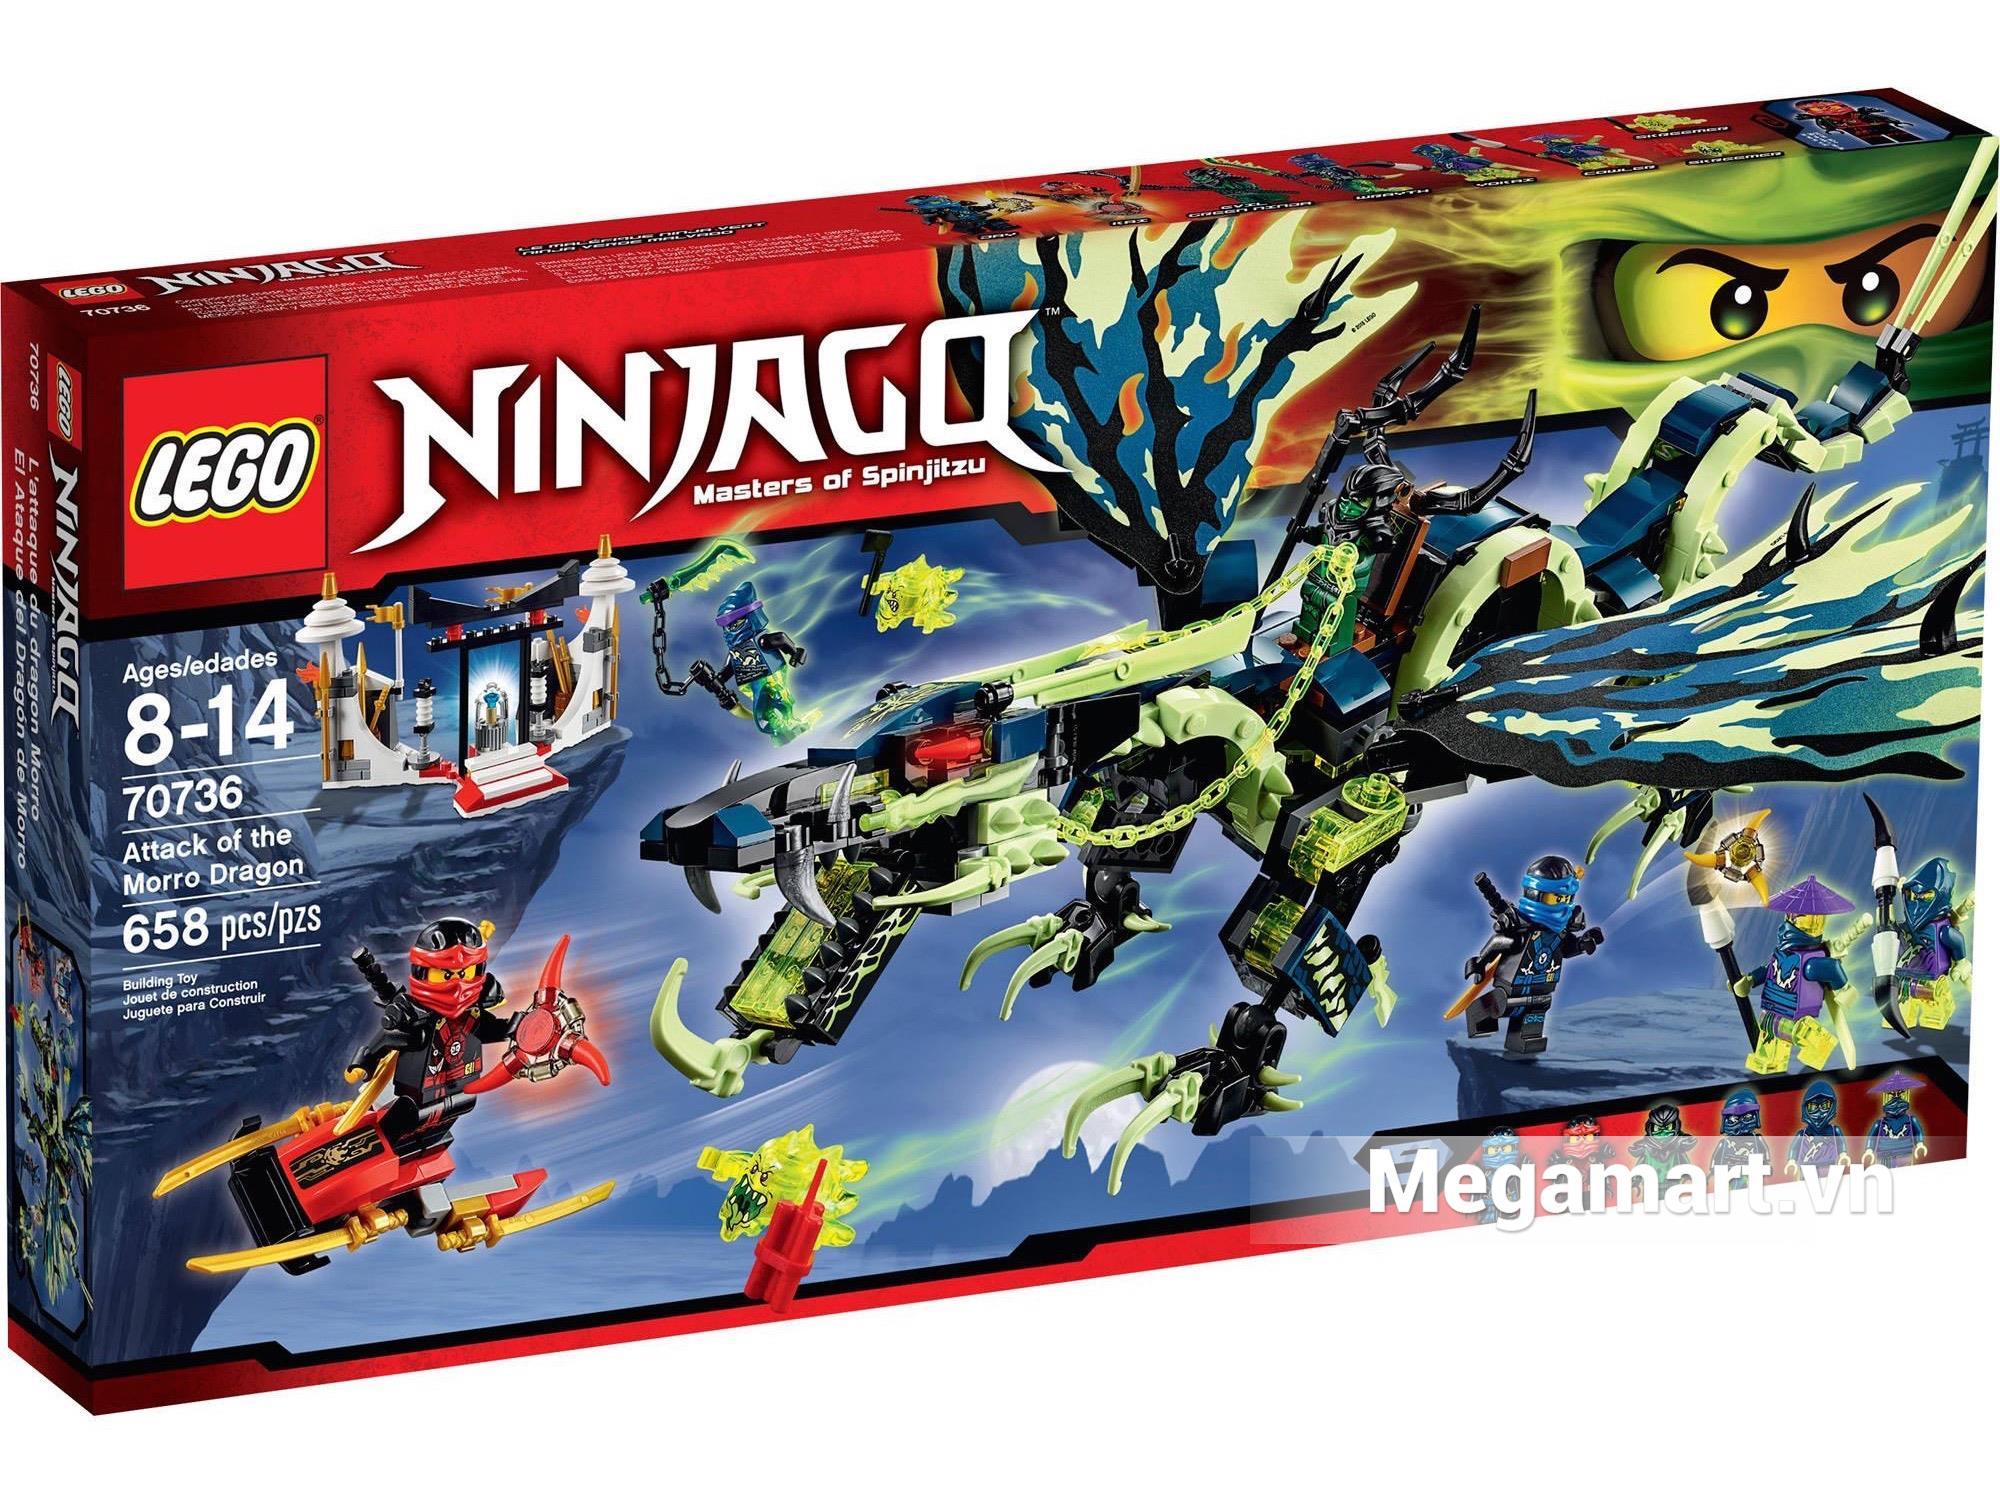 Vỏ hộp sản phẩm Lego Ninjago 70736 - Cuộc Tấn Công Của Rồng Morro